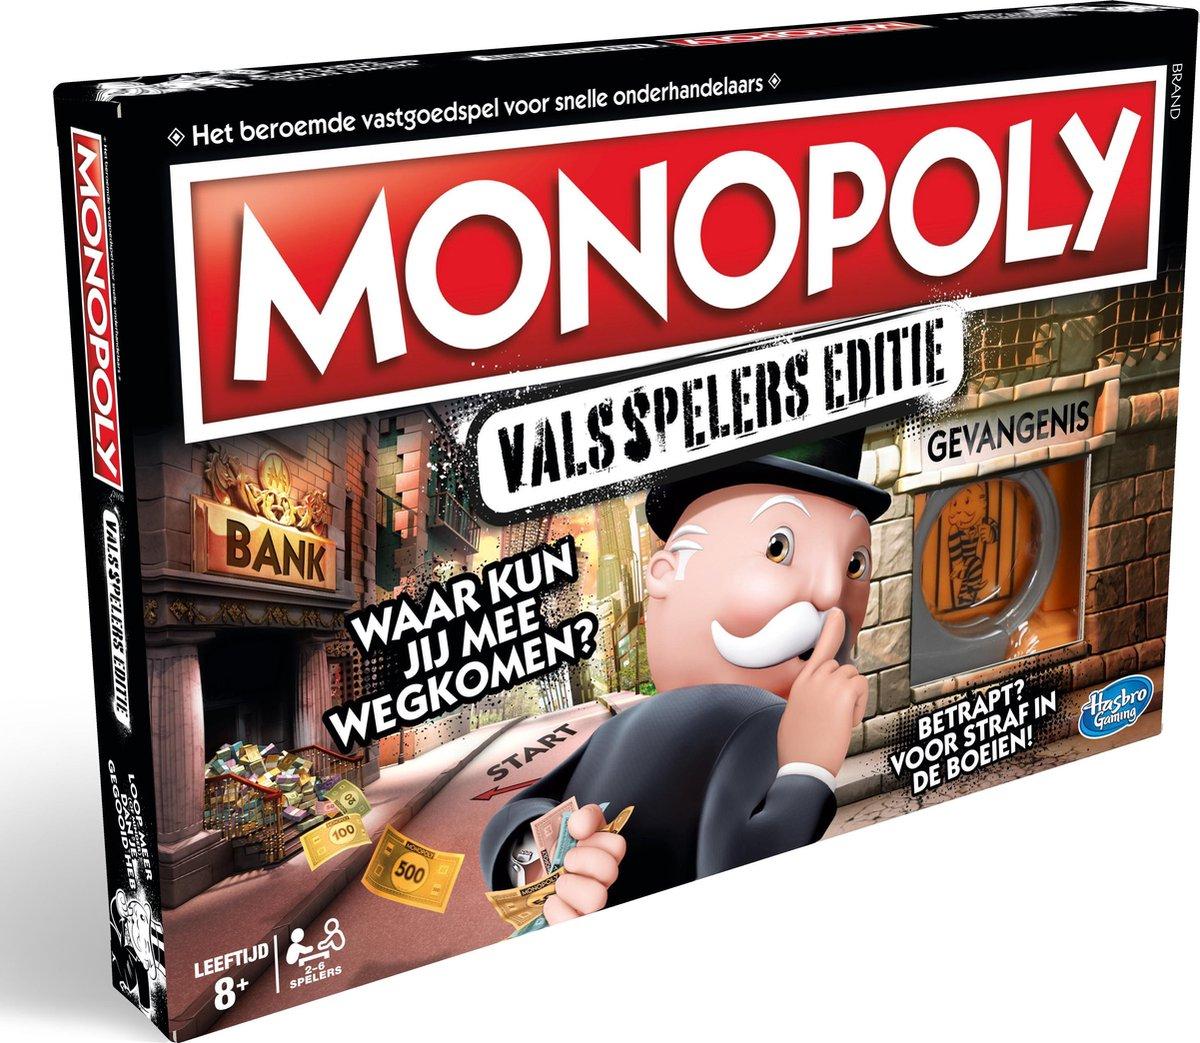 [Select Bol.com] Monopoly valsspelers editie